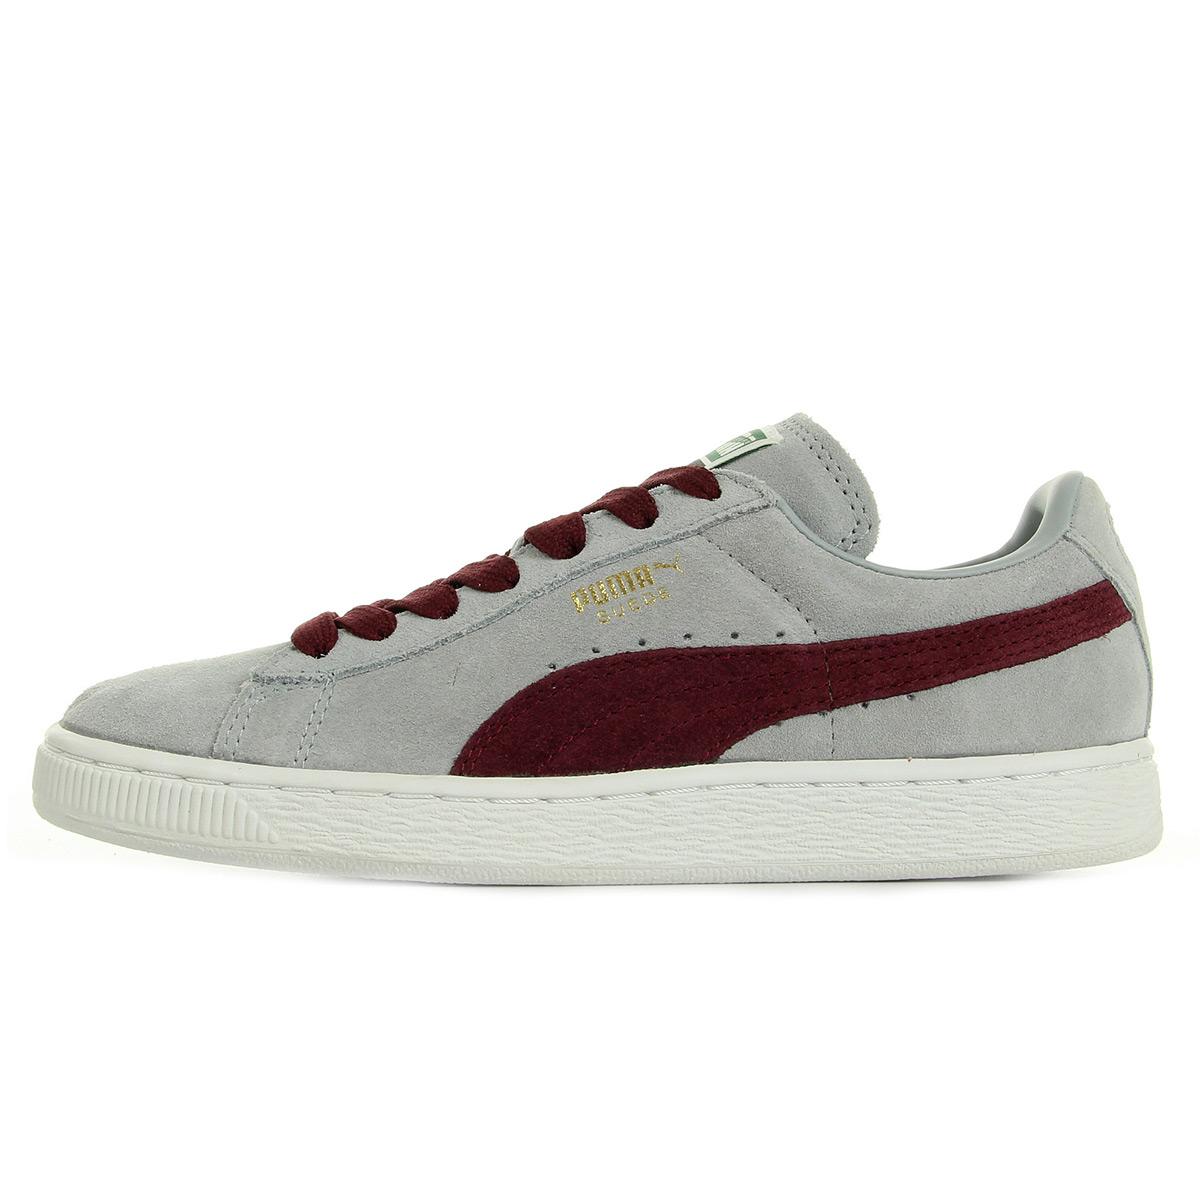 Puma Suede Classic + 35656830, Baskets mode